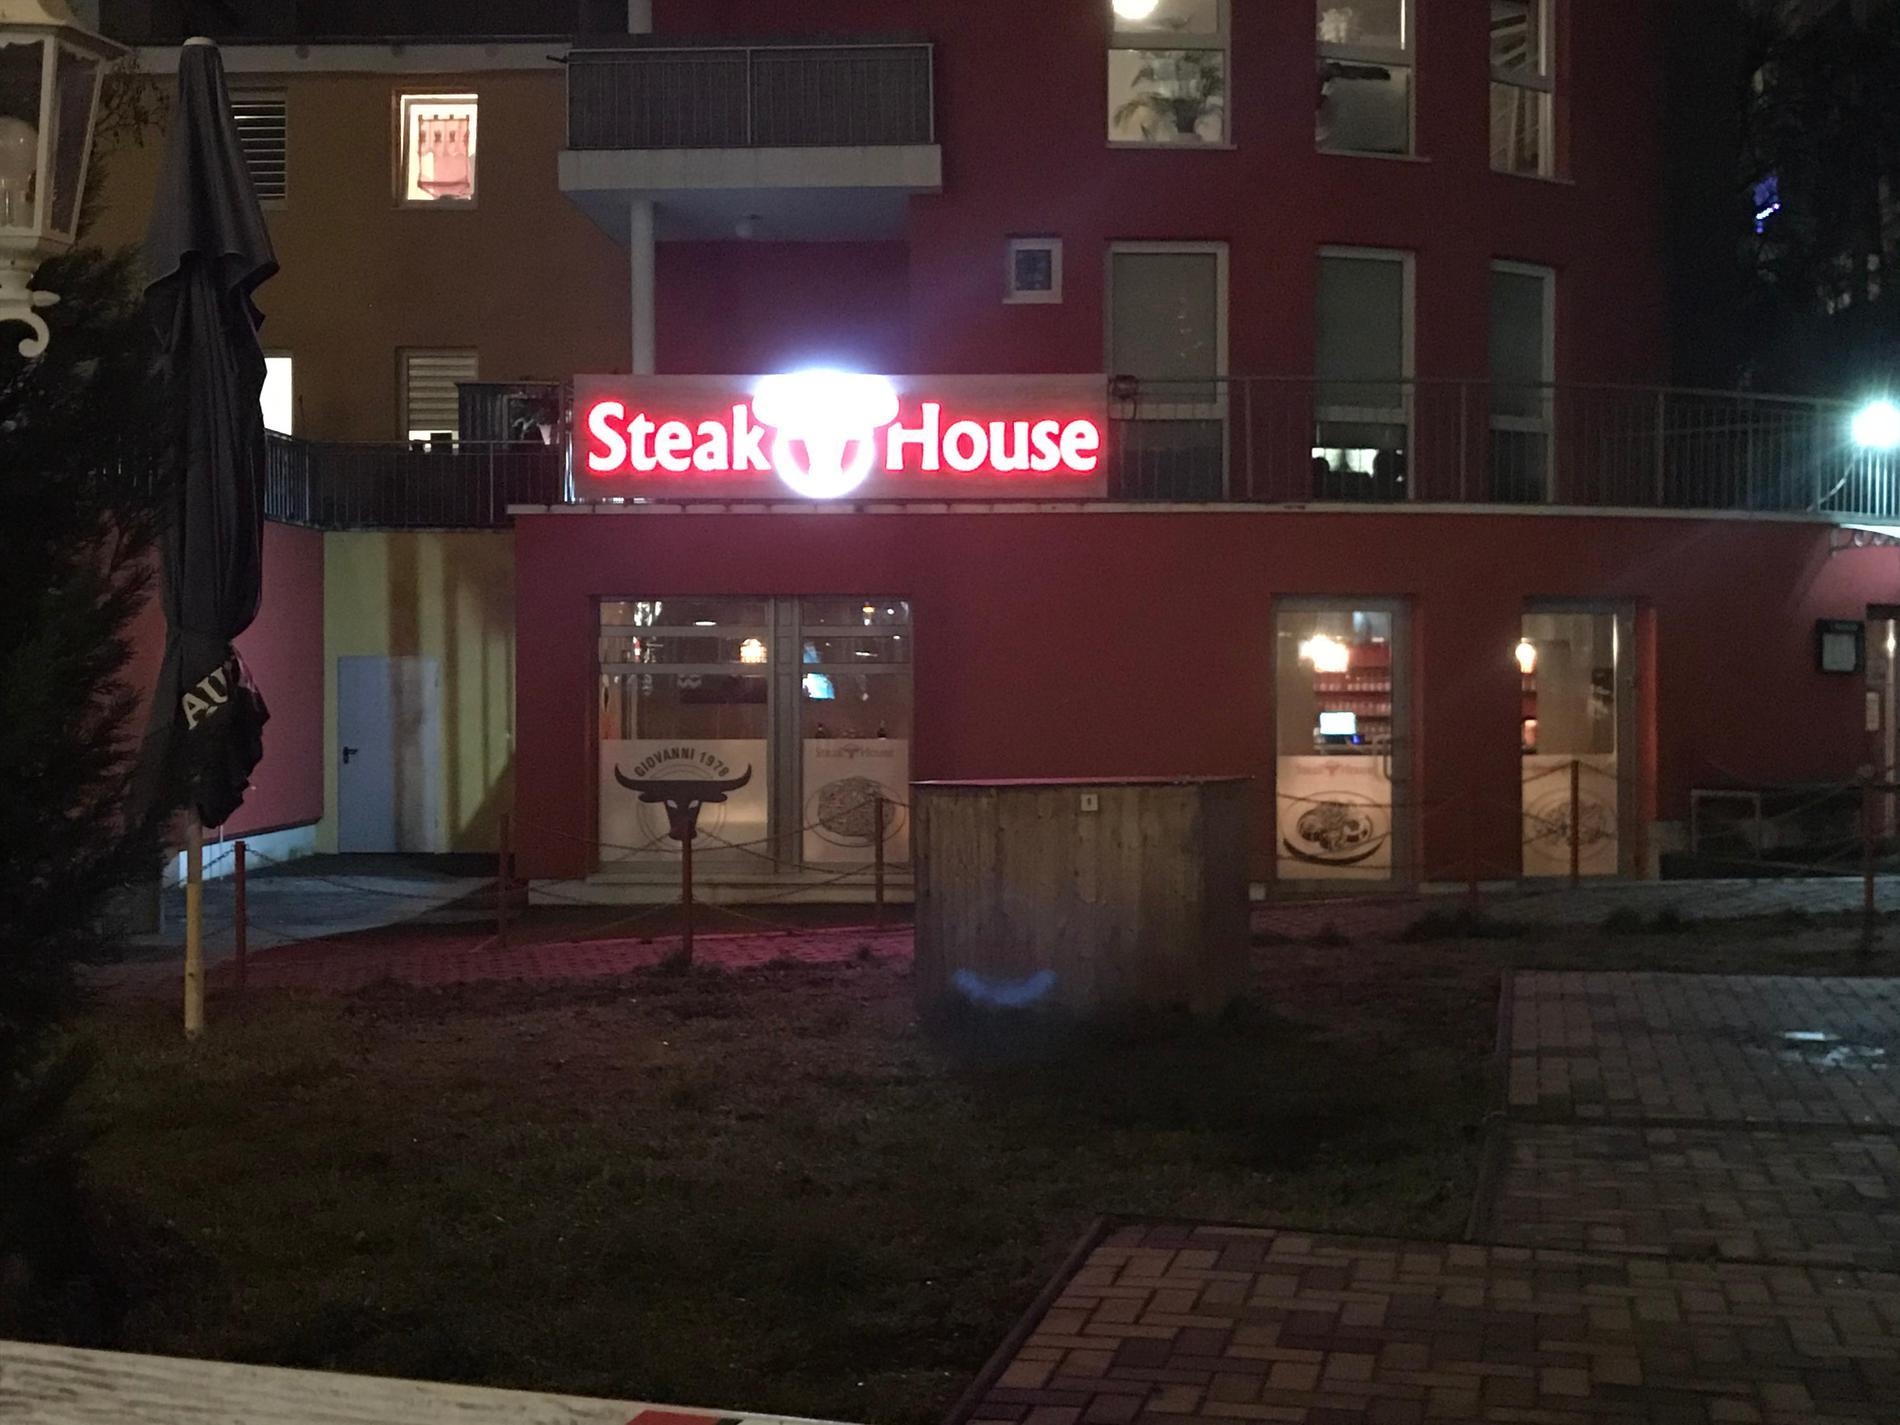 Kundenbild klein 6 Steak House Giovanni 1978 GmbH - Abhol- und Lieferservice von 11-20 Uhr